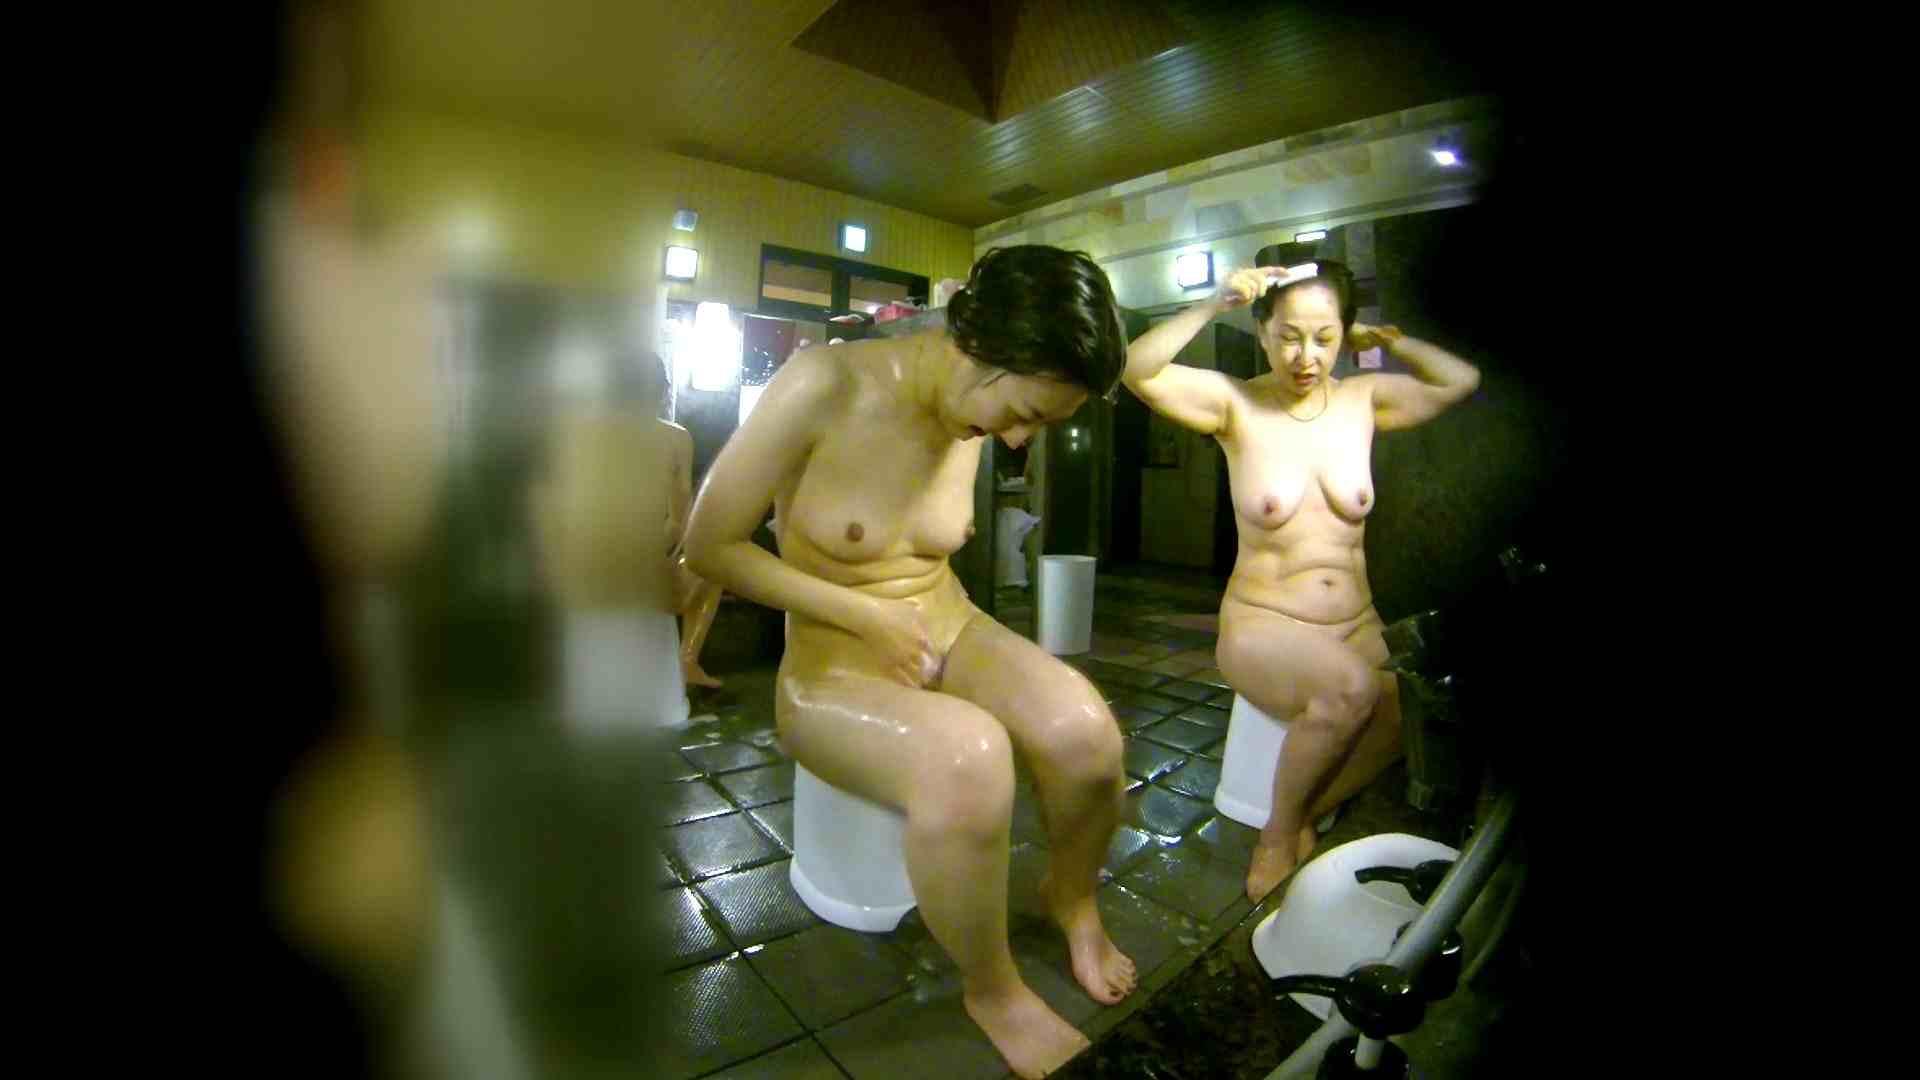 洗い場!右足の位置がいいですね。陰毛もっさり! 潜入 おまんこ動画流出 113pic 53